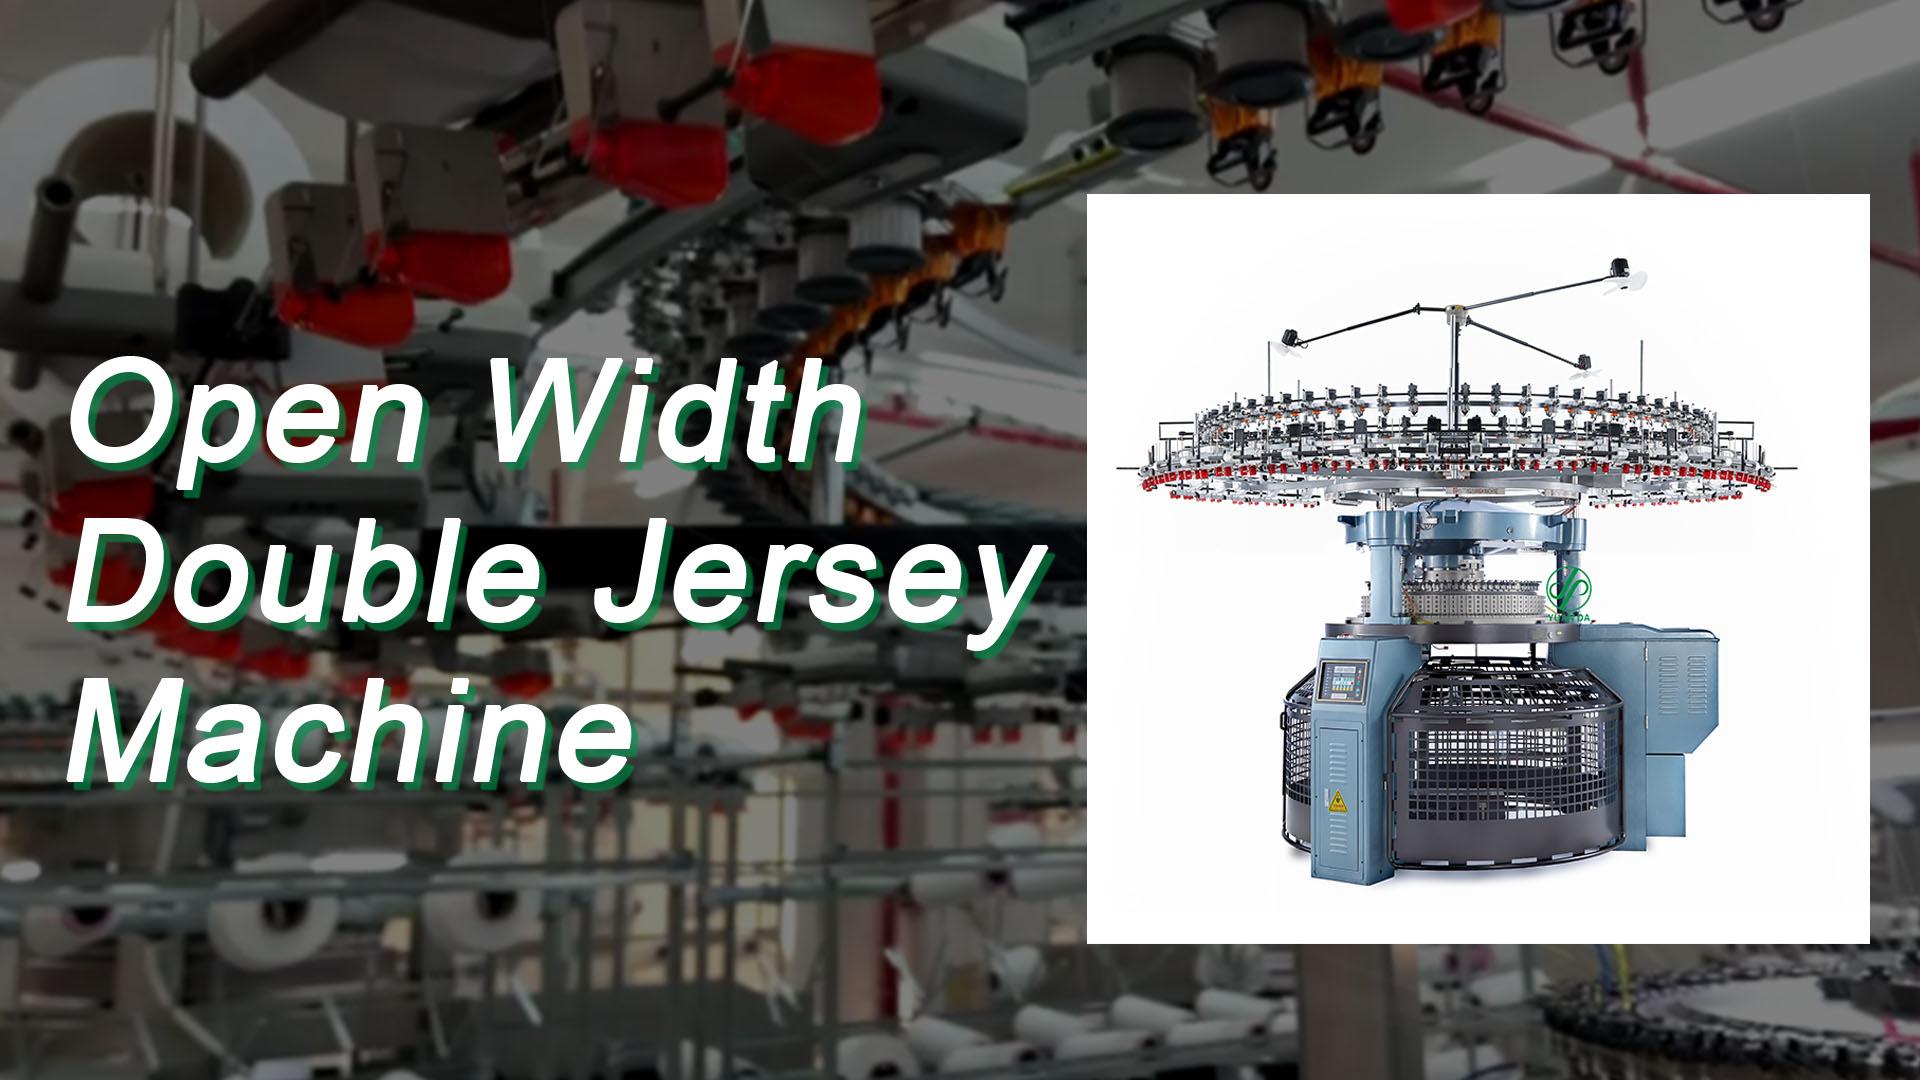 Open Width Double Jersey Machine